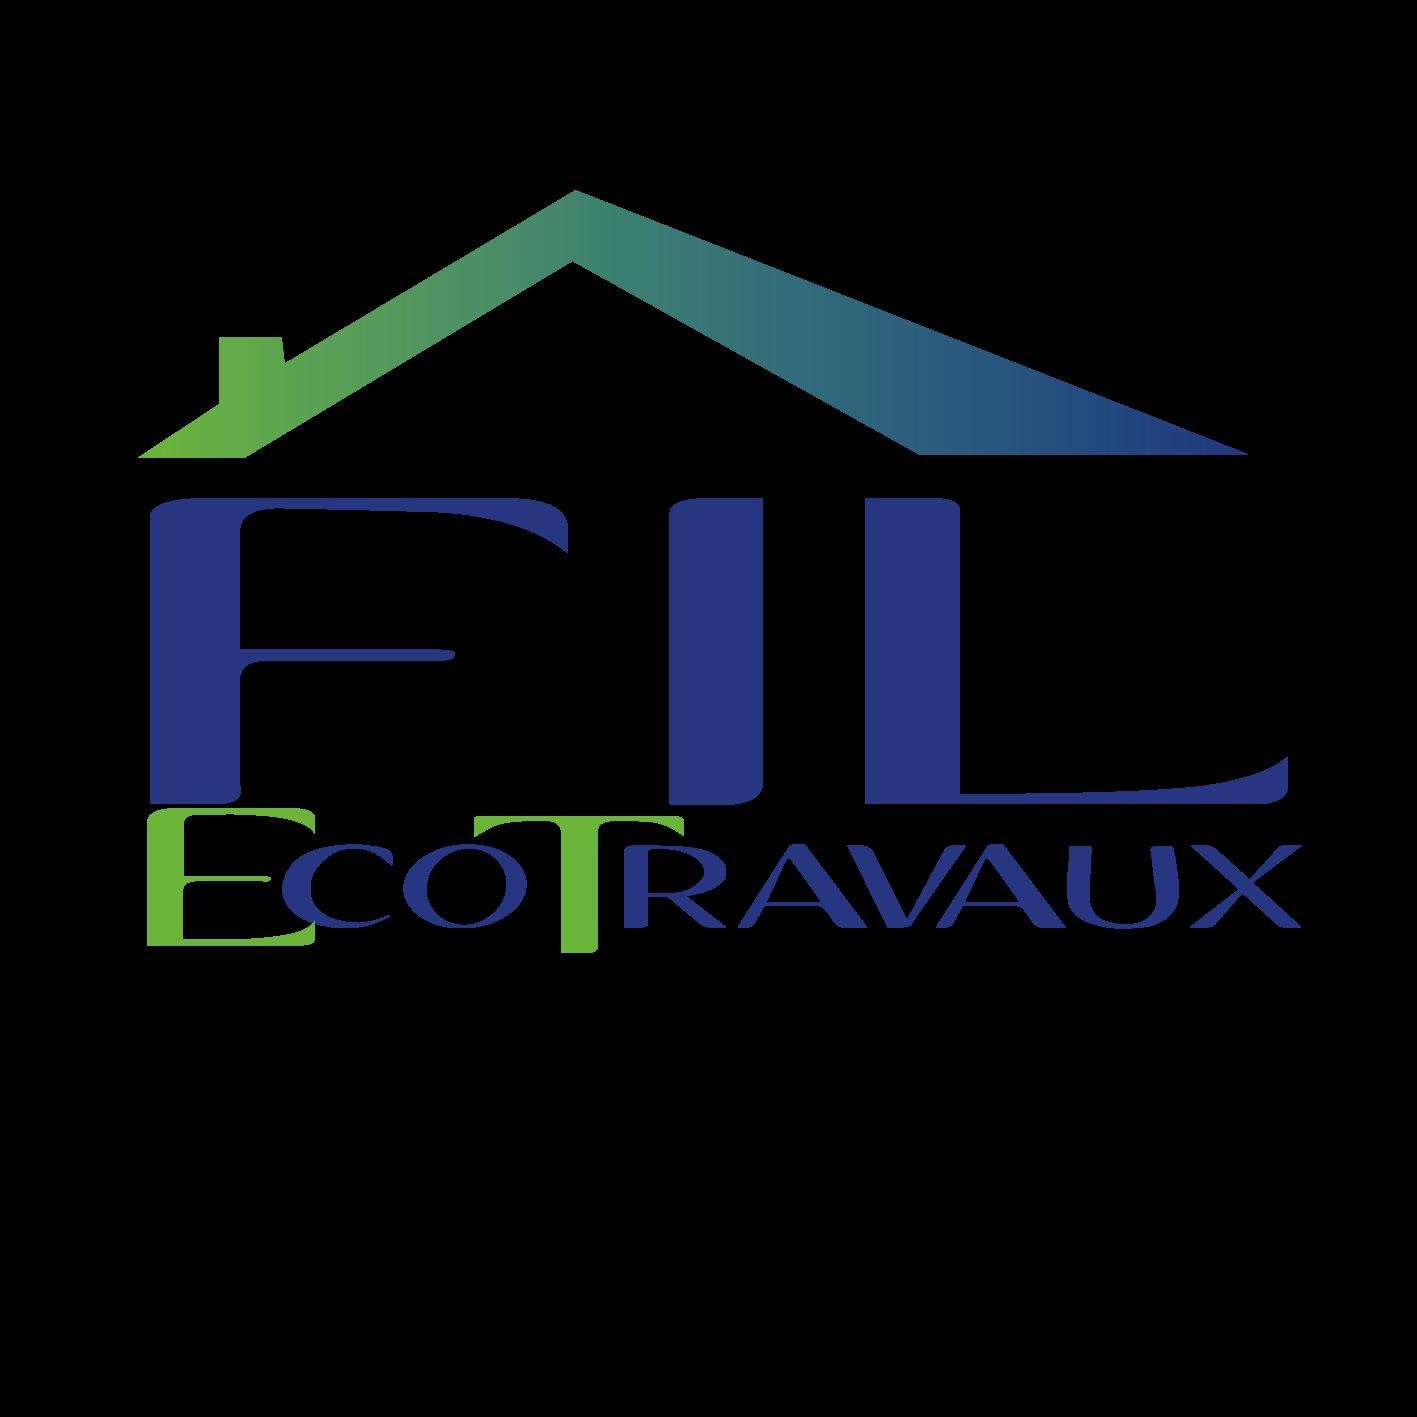 LOGO-final-FIL-ECOTRAVAUX